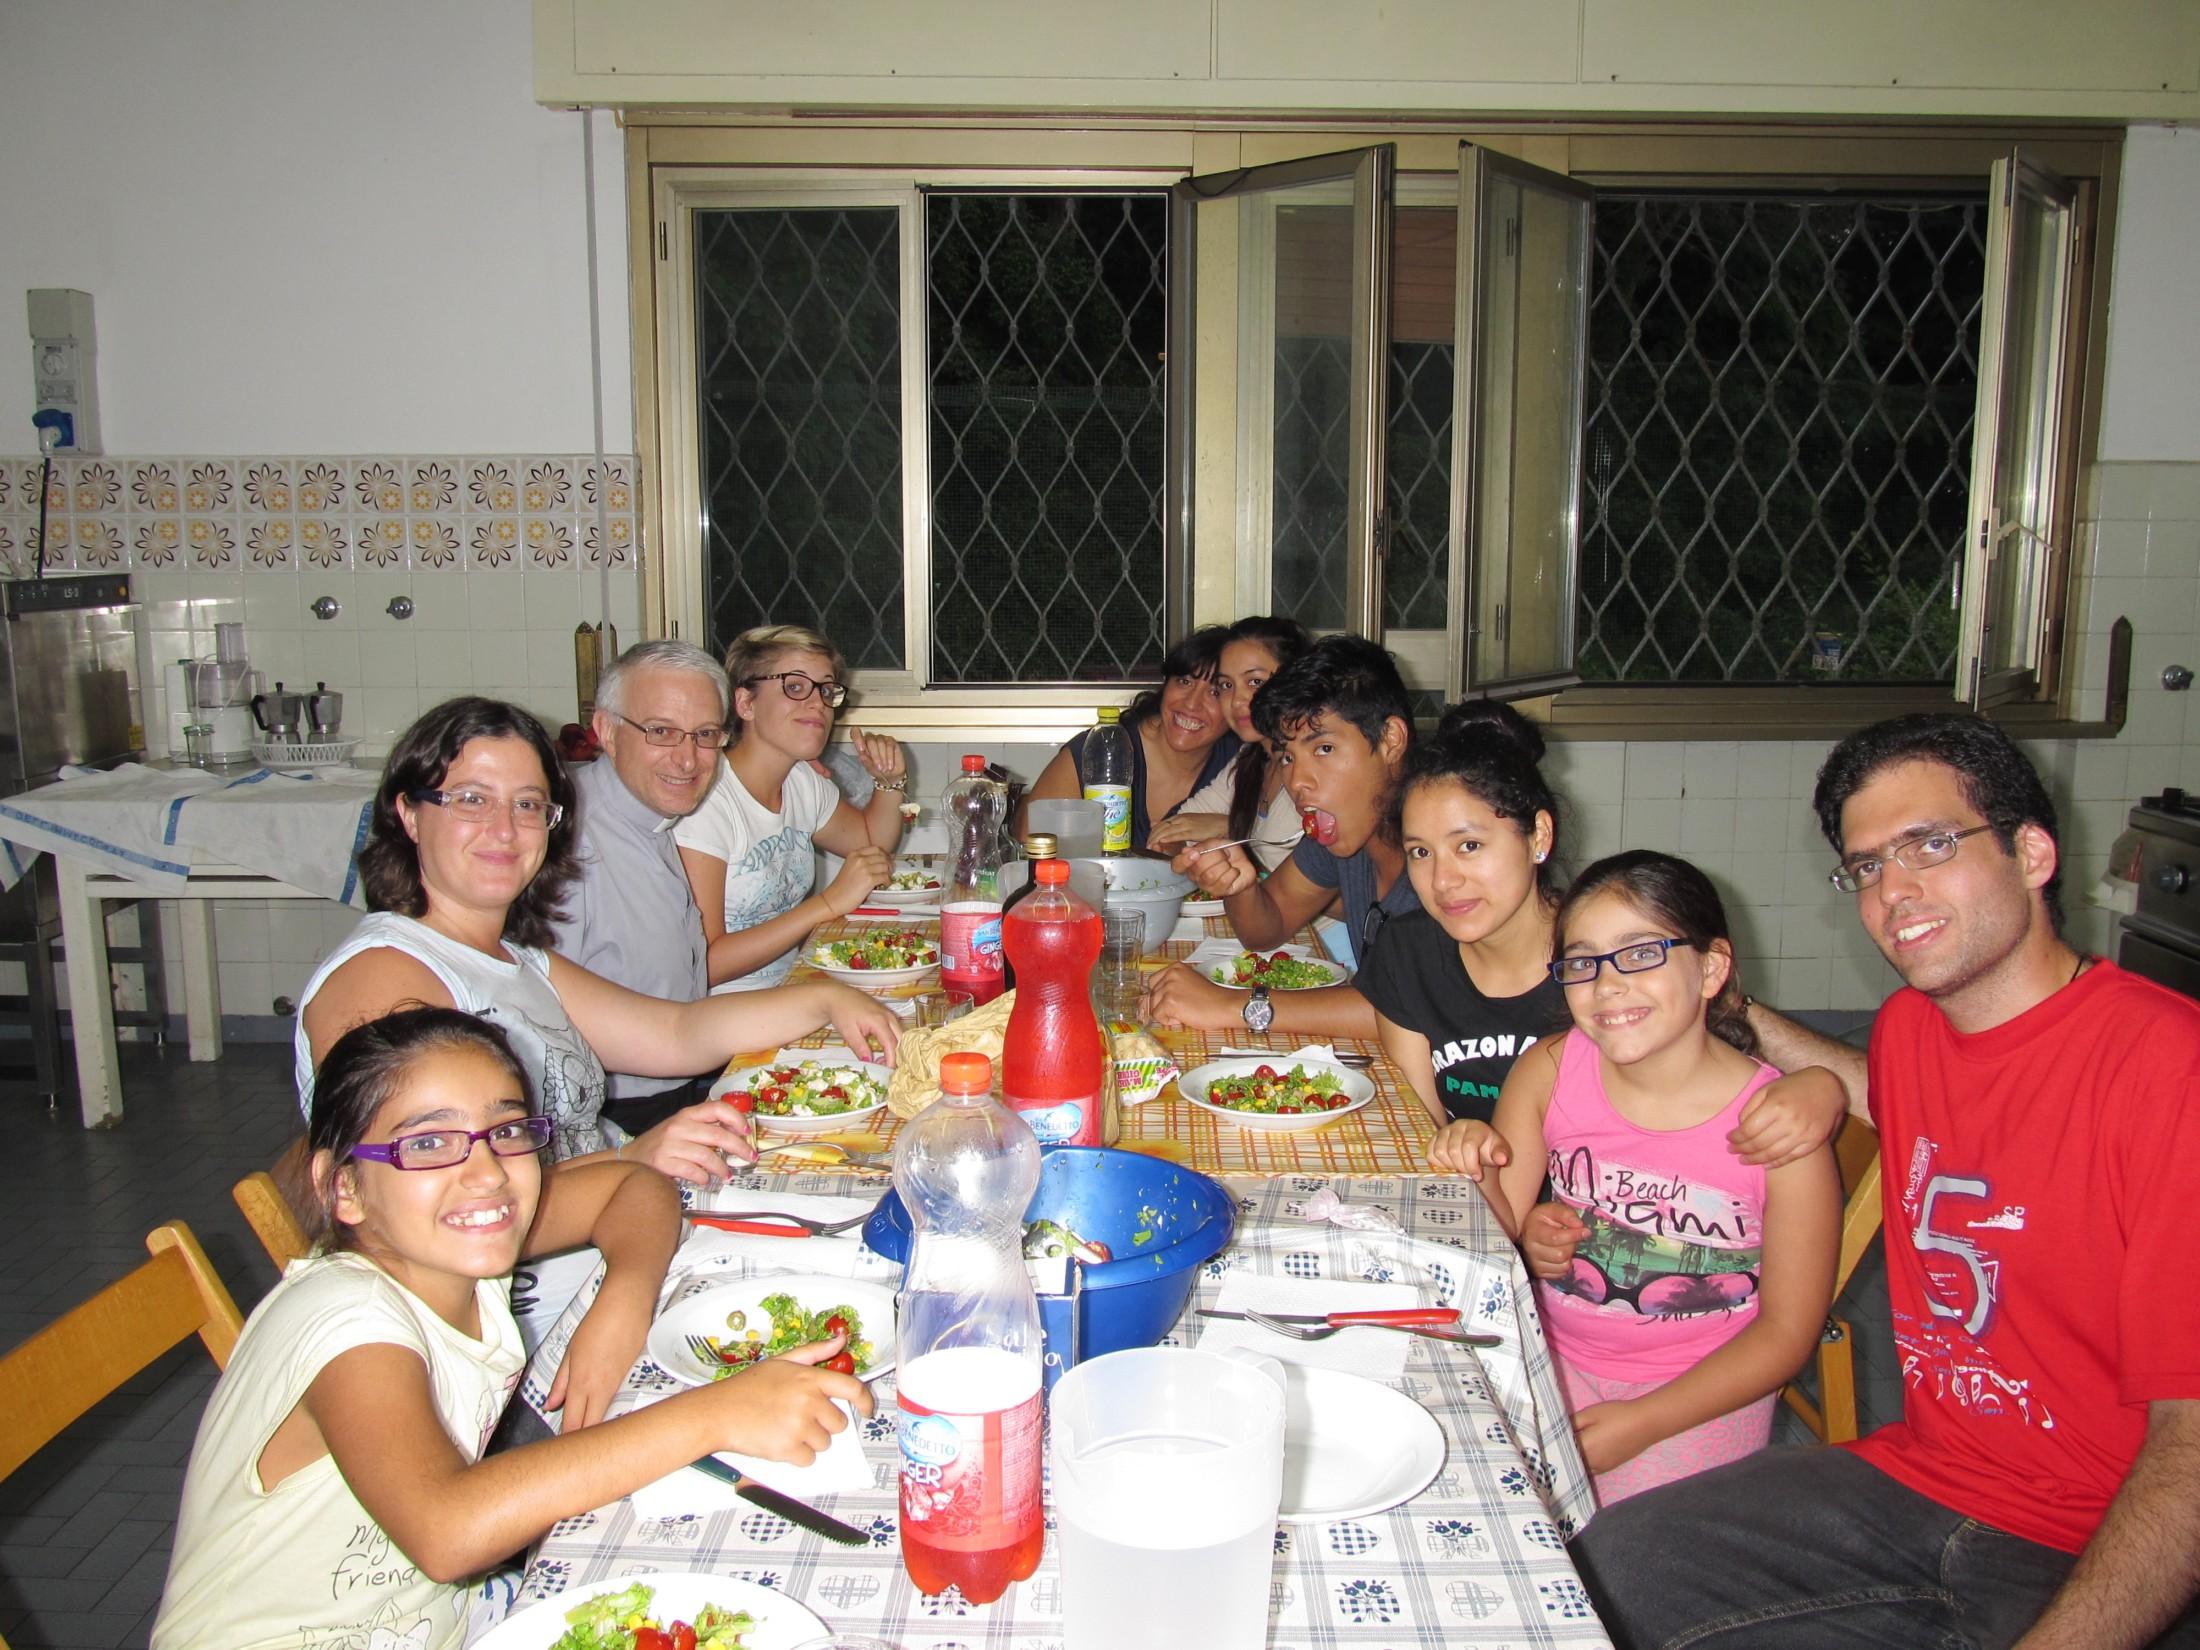 bivacco_monte_fasce_2014-07-13-19-27-38